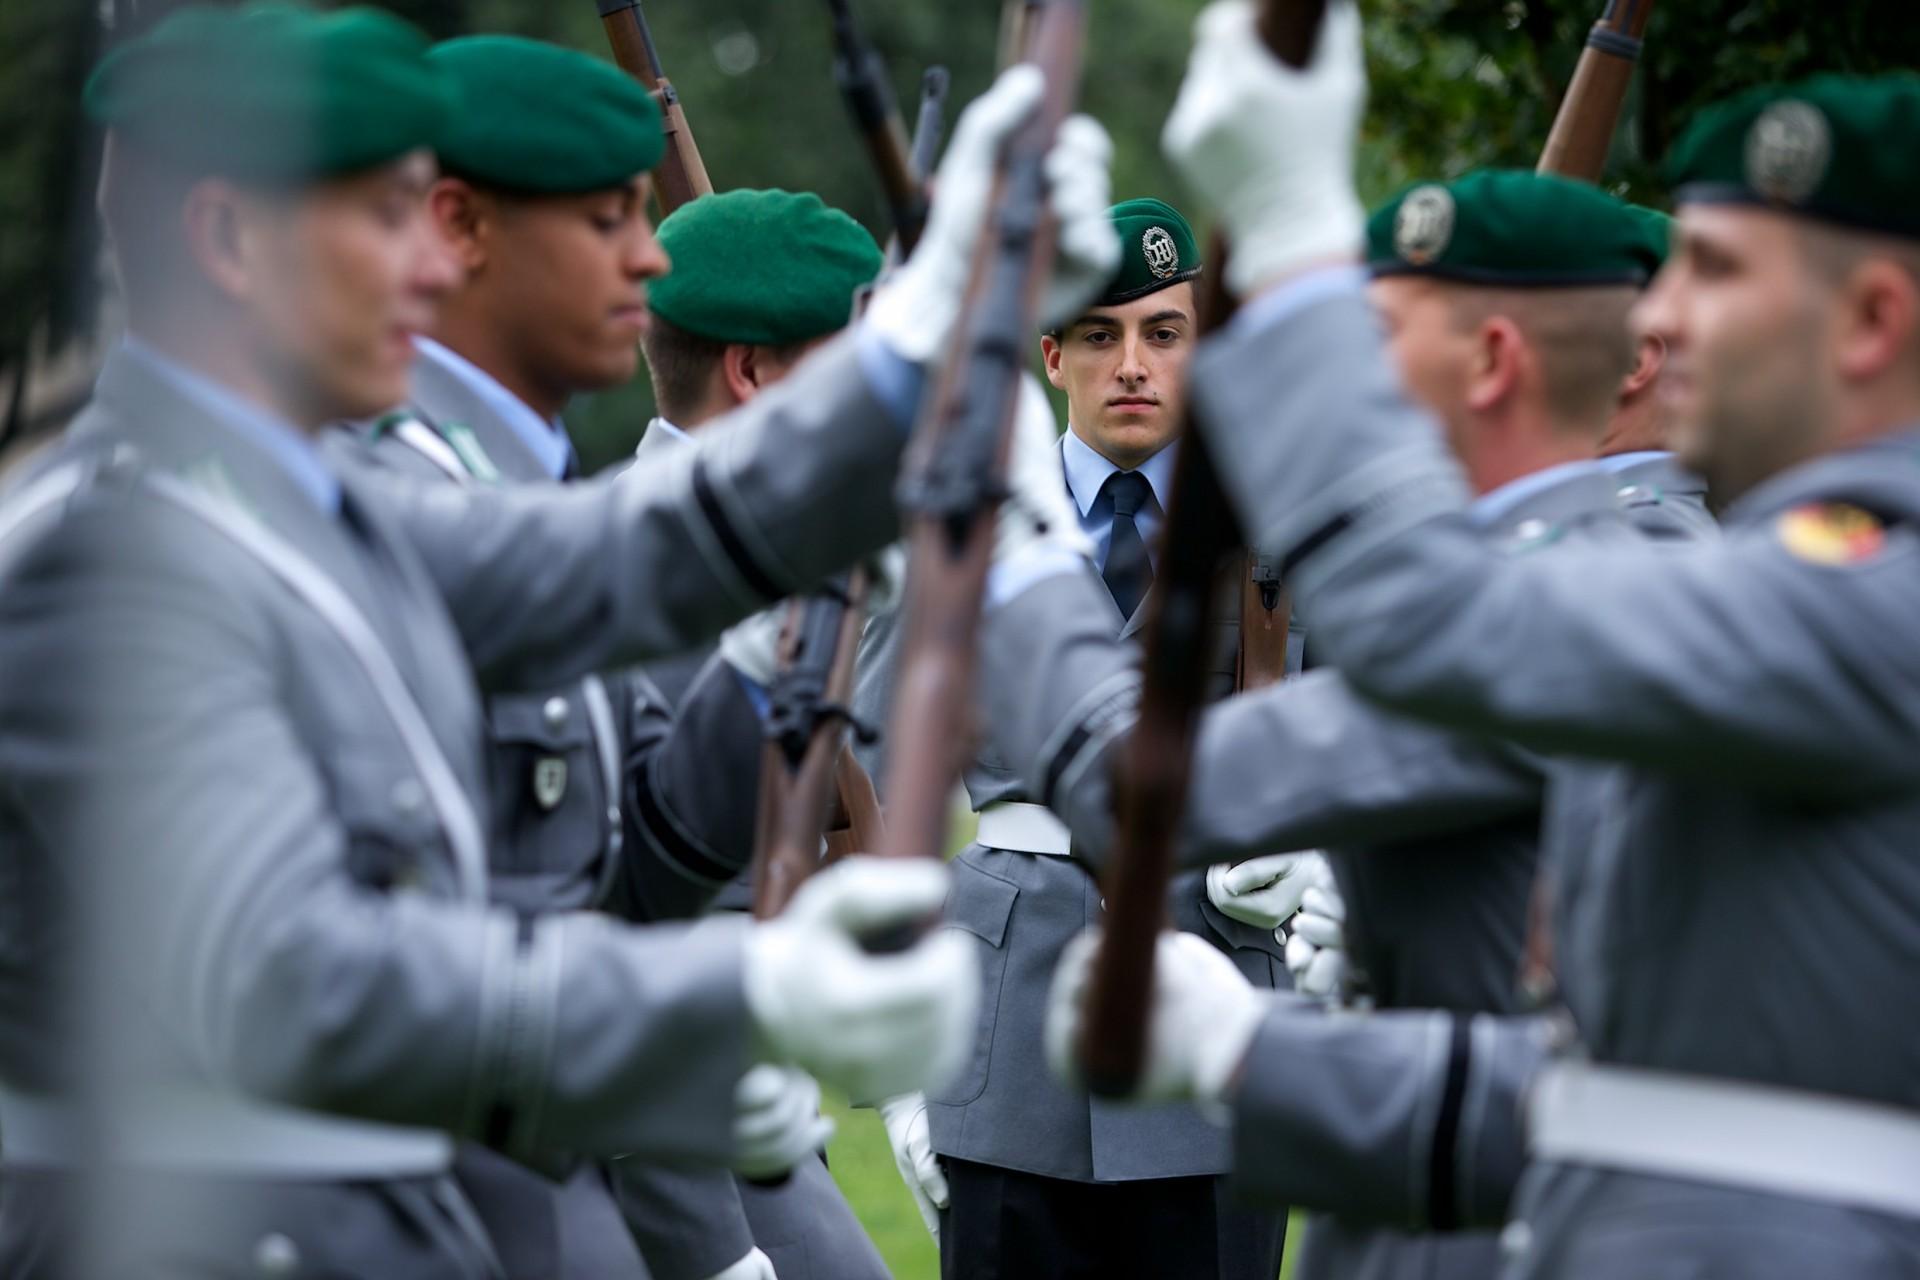 Werbung, Bundeswehr, Dirk Lässig, Vorbereitung auf einen Staatsbesuch Wachbataillon beim Bundesministerium der Verteidigung Kurt-Schumacher-Damm 41 13405 Berlin